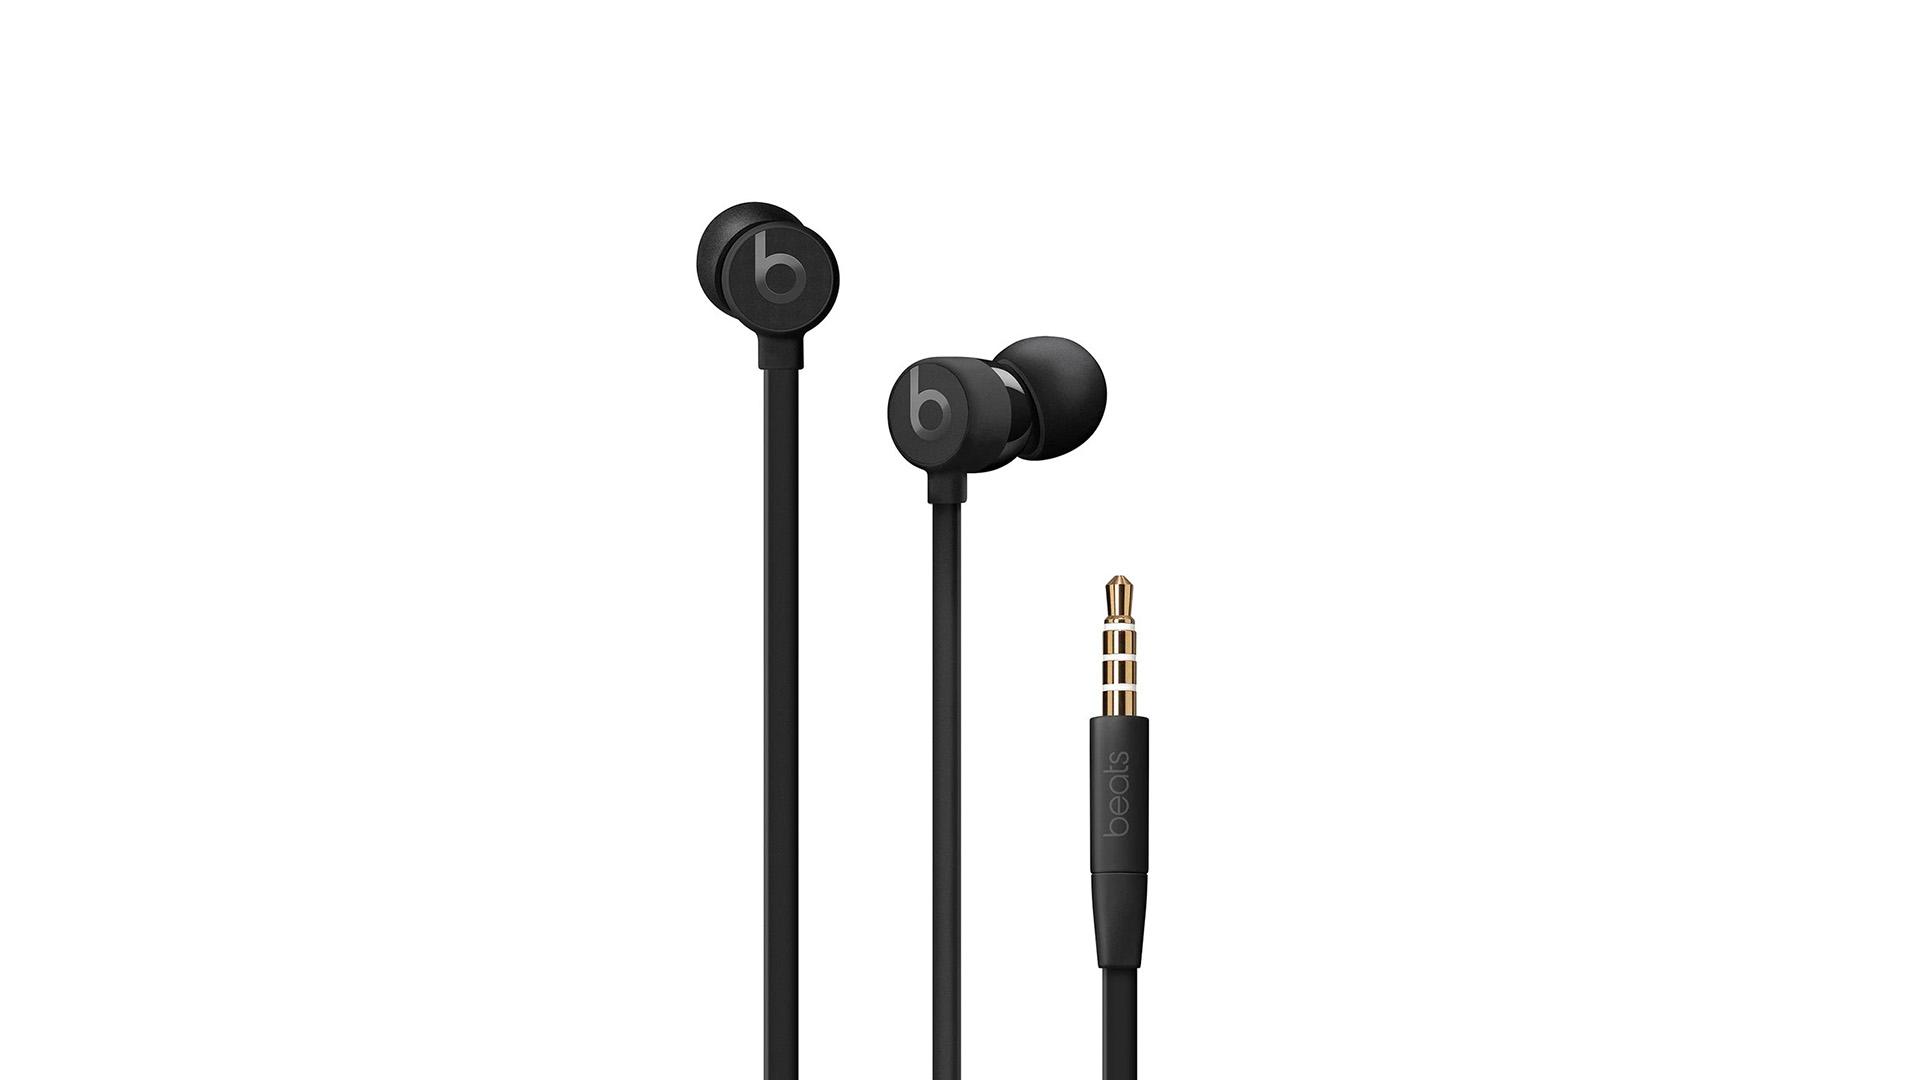 OriginálníBeats sluchátka jen za 600 Kč na Cafago.com [sponzorovaný článek]